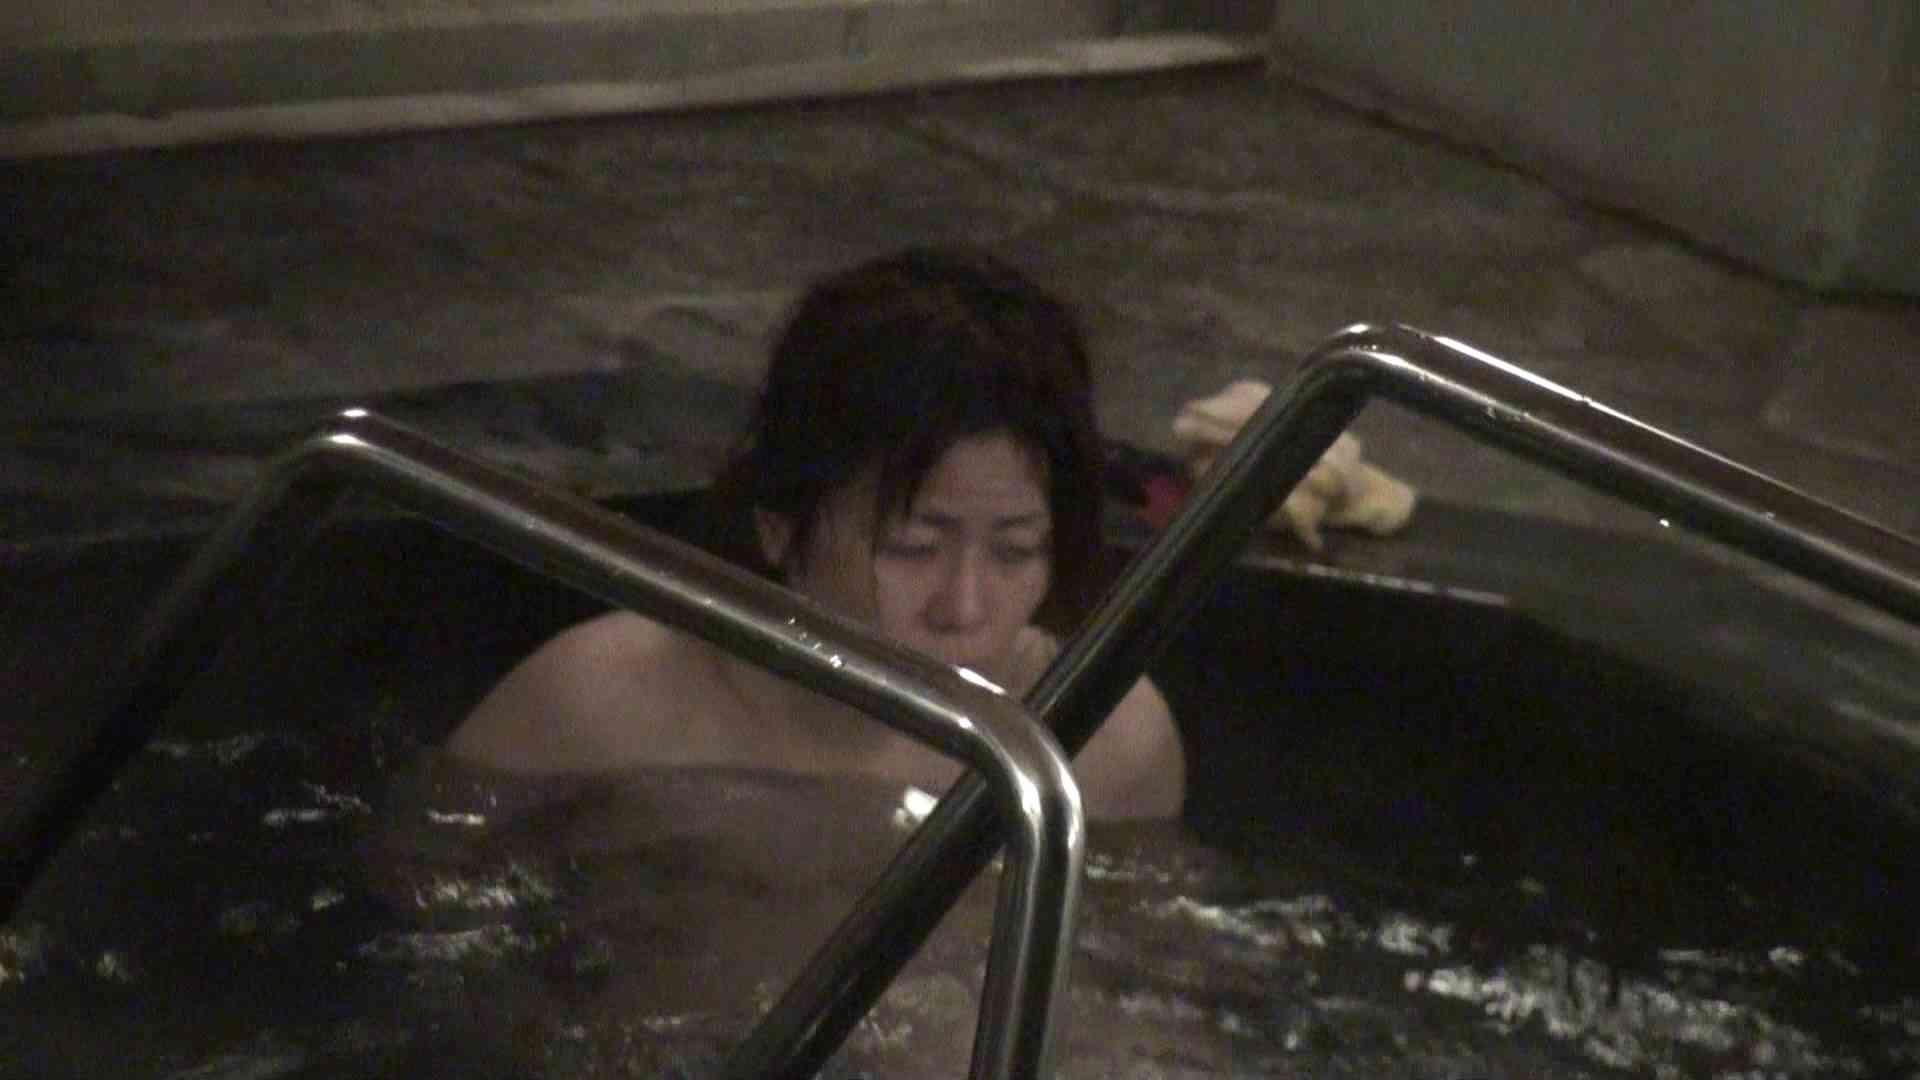 Aquaな露天風呂Vol.433 盗撮 えろ無修正画像 99画像 95